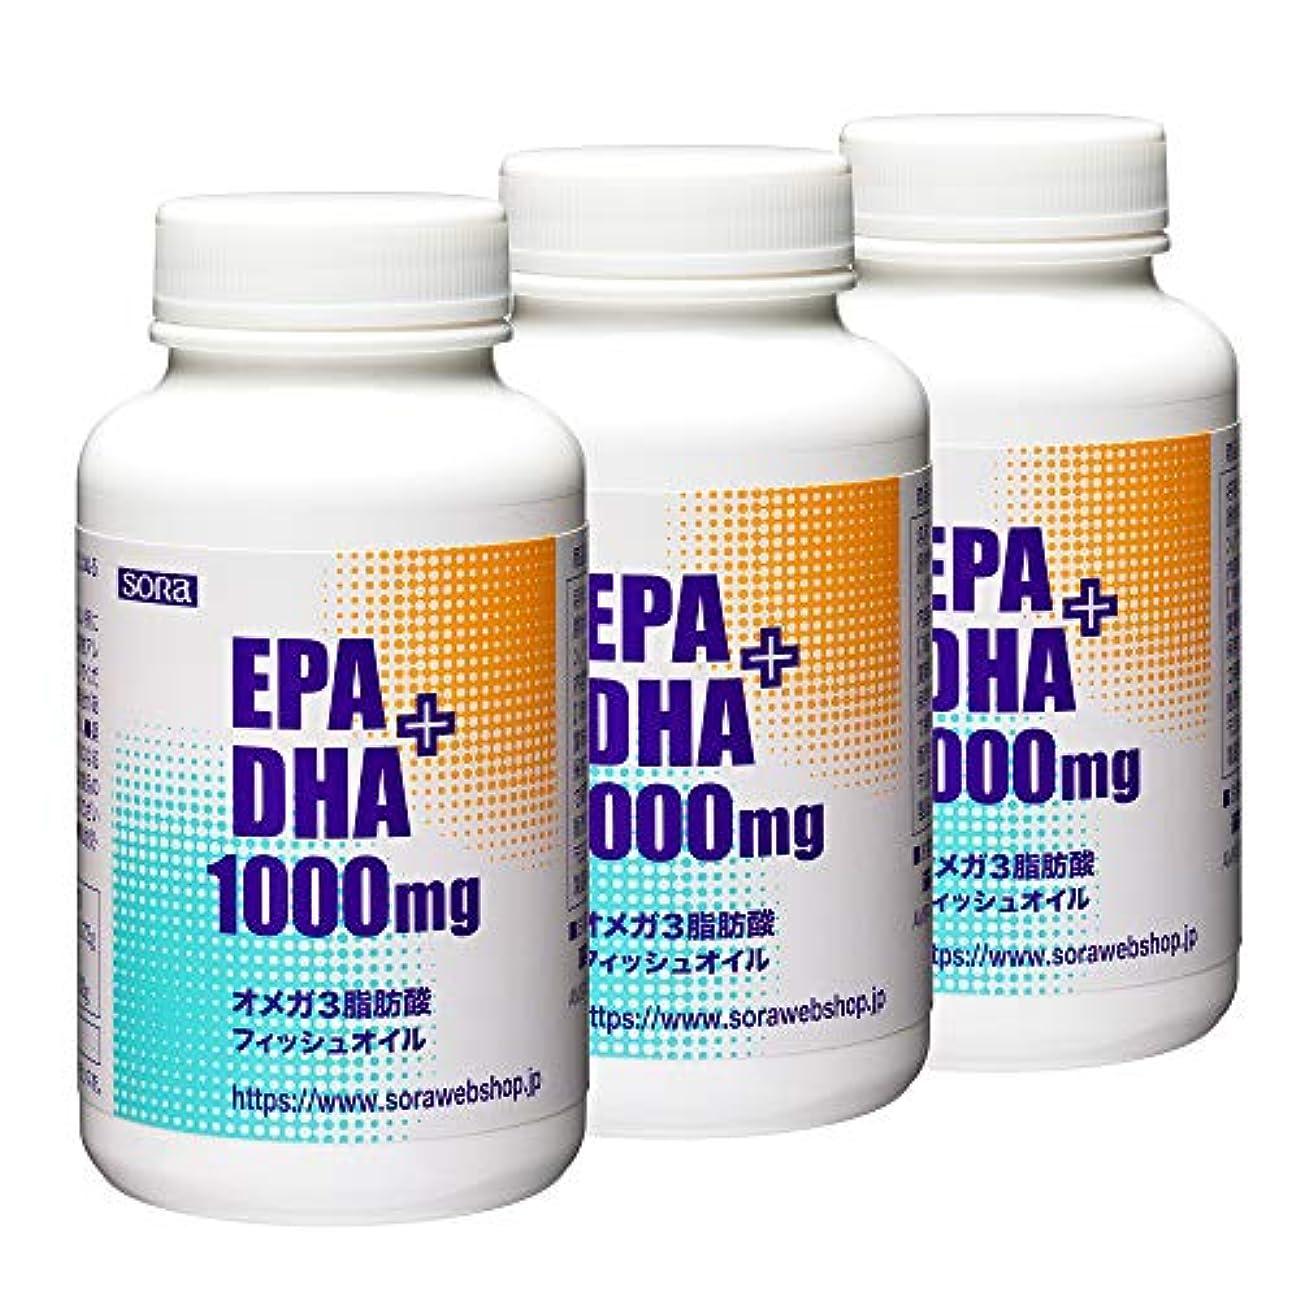 【まとめ買い】そら EPA+DHA 1000mg (魚のオイル オメガ3) 【180粒入 × 3本セット】[5% OFF]